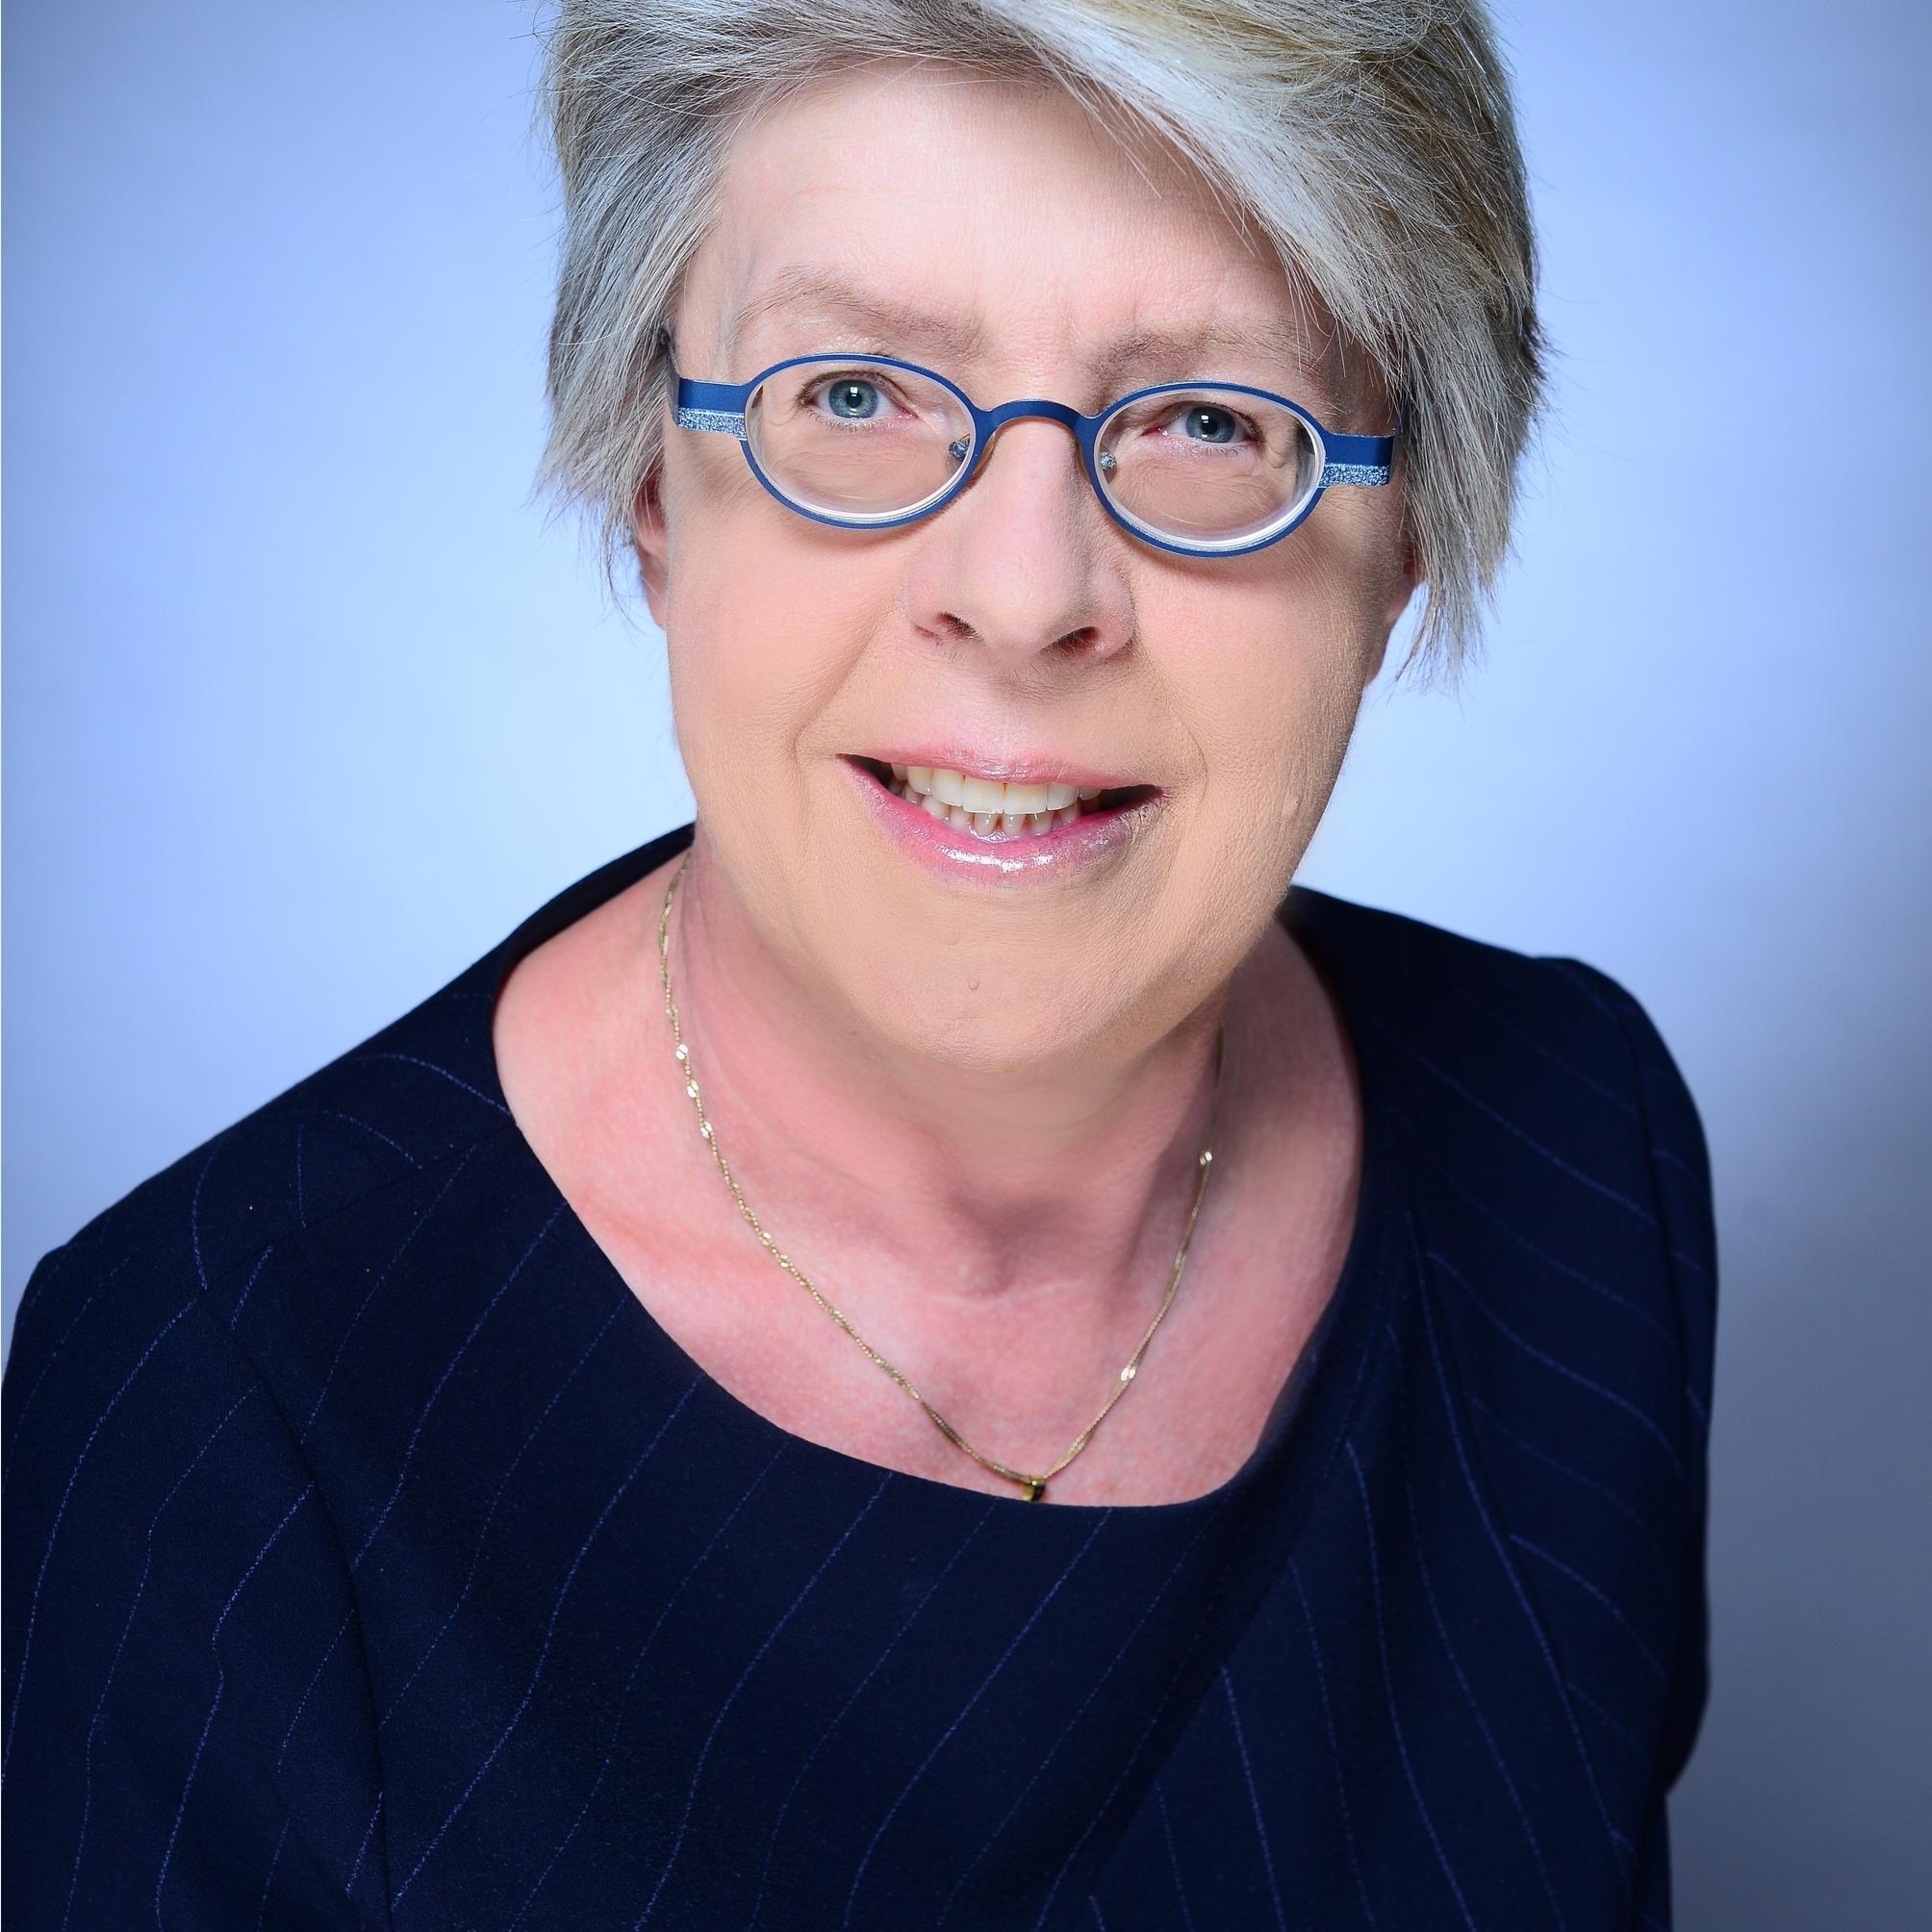 Elke Willmann, Risikosteuerung/Marktsteuerung at Stadtwerke Leipzig GmbH